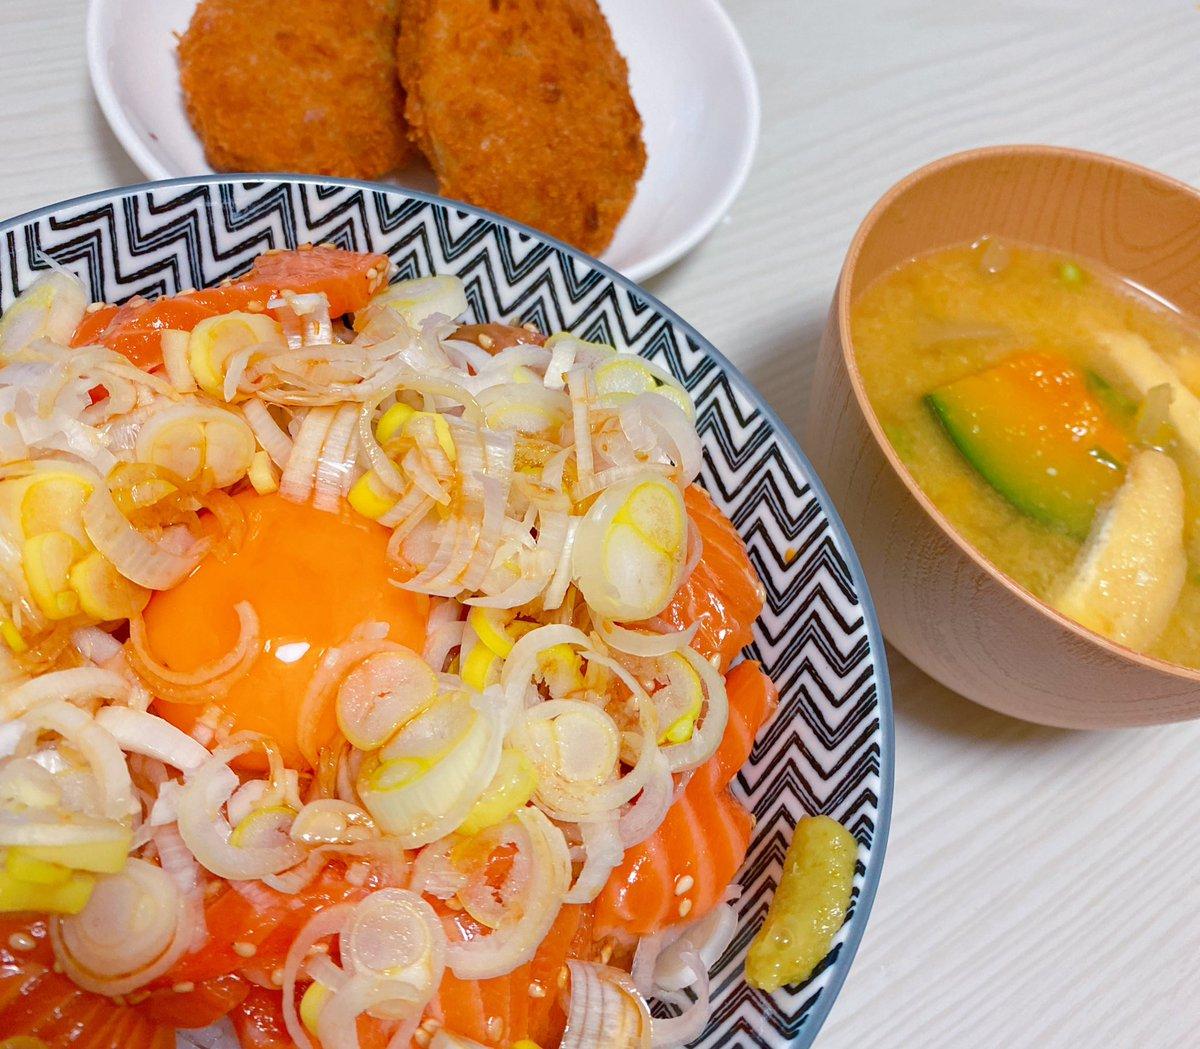 ほくほく&もちっとした食感に仕上がる?!「長芋」で作る、ハッシュドポテトのレシピ!